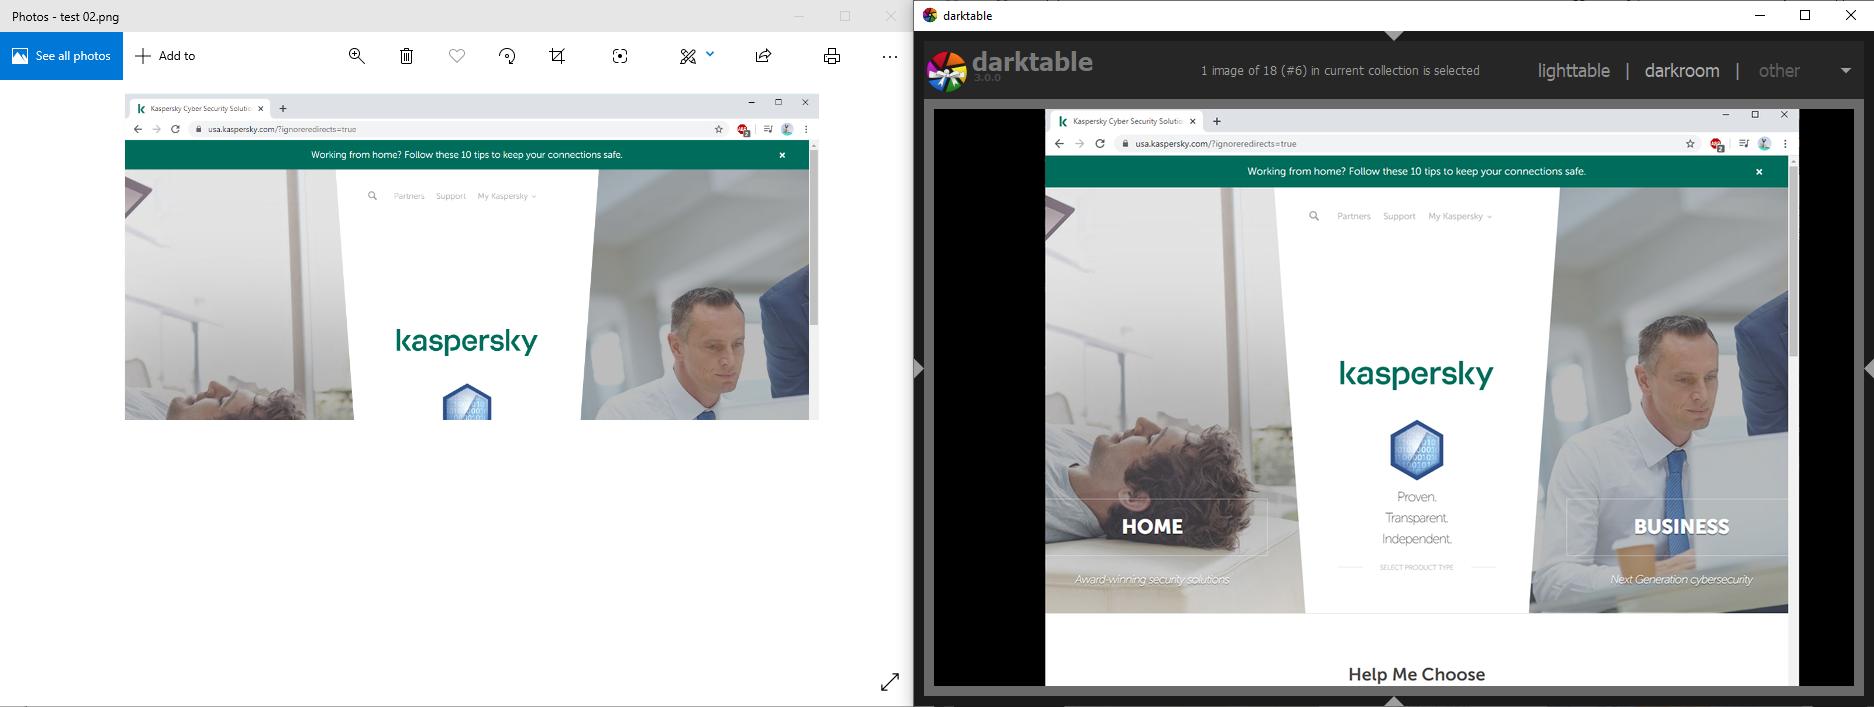 La misma imagen abierta en diferentes visores. La parte inferior de la imagen era una capa oculta que se podía atisbar en Darktable.